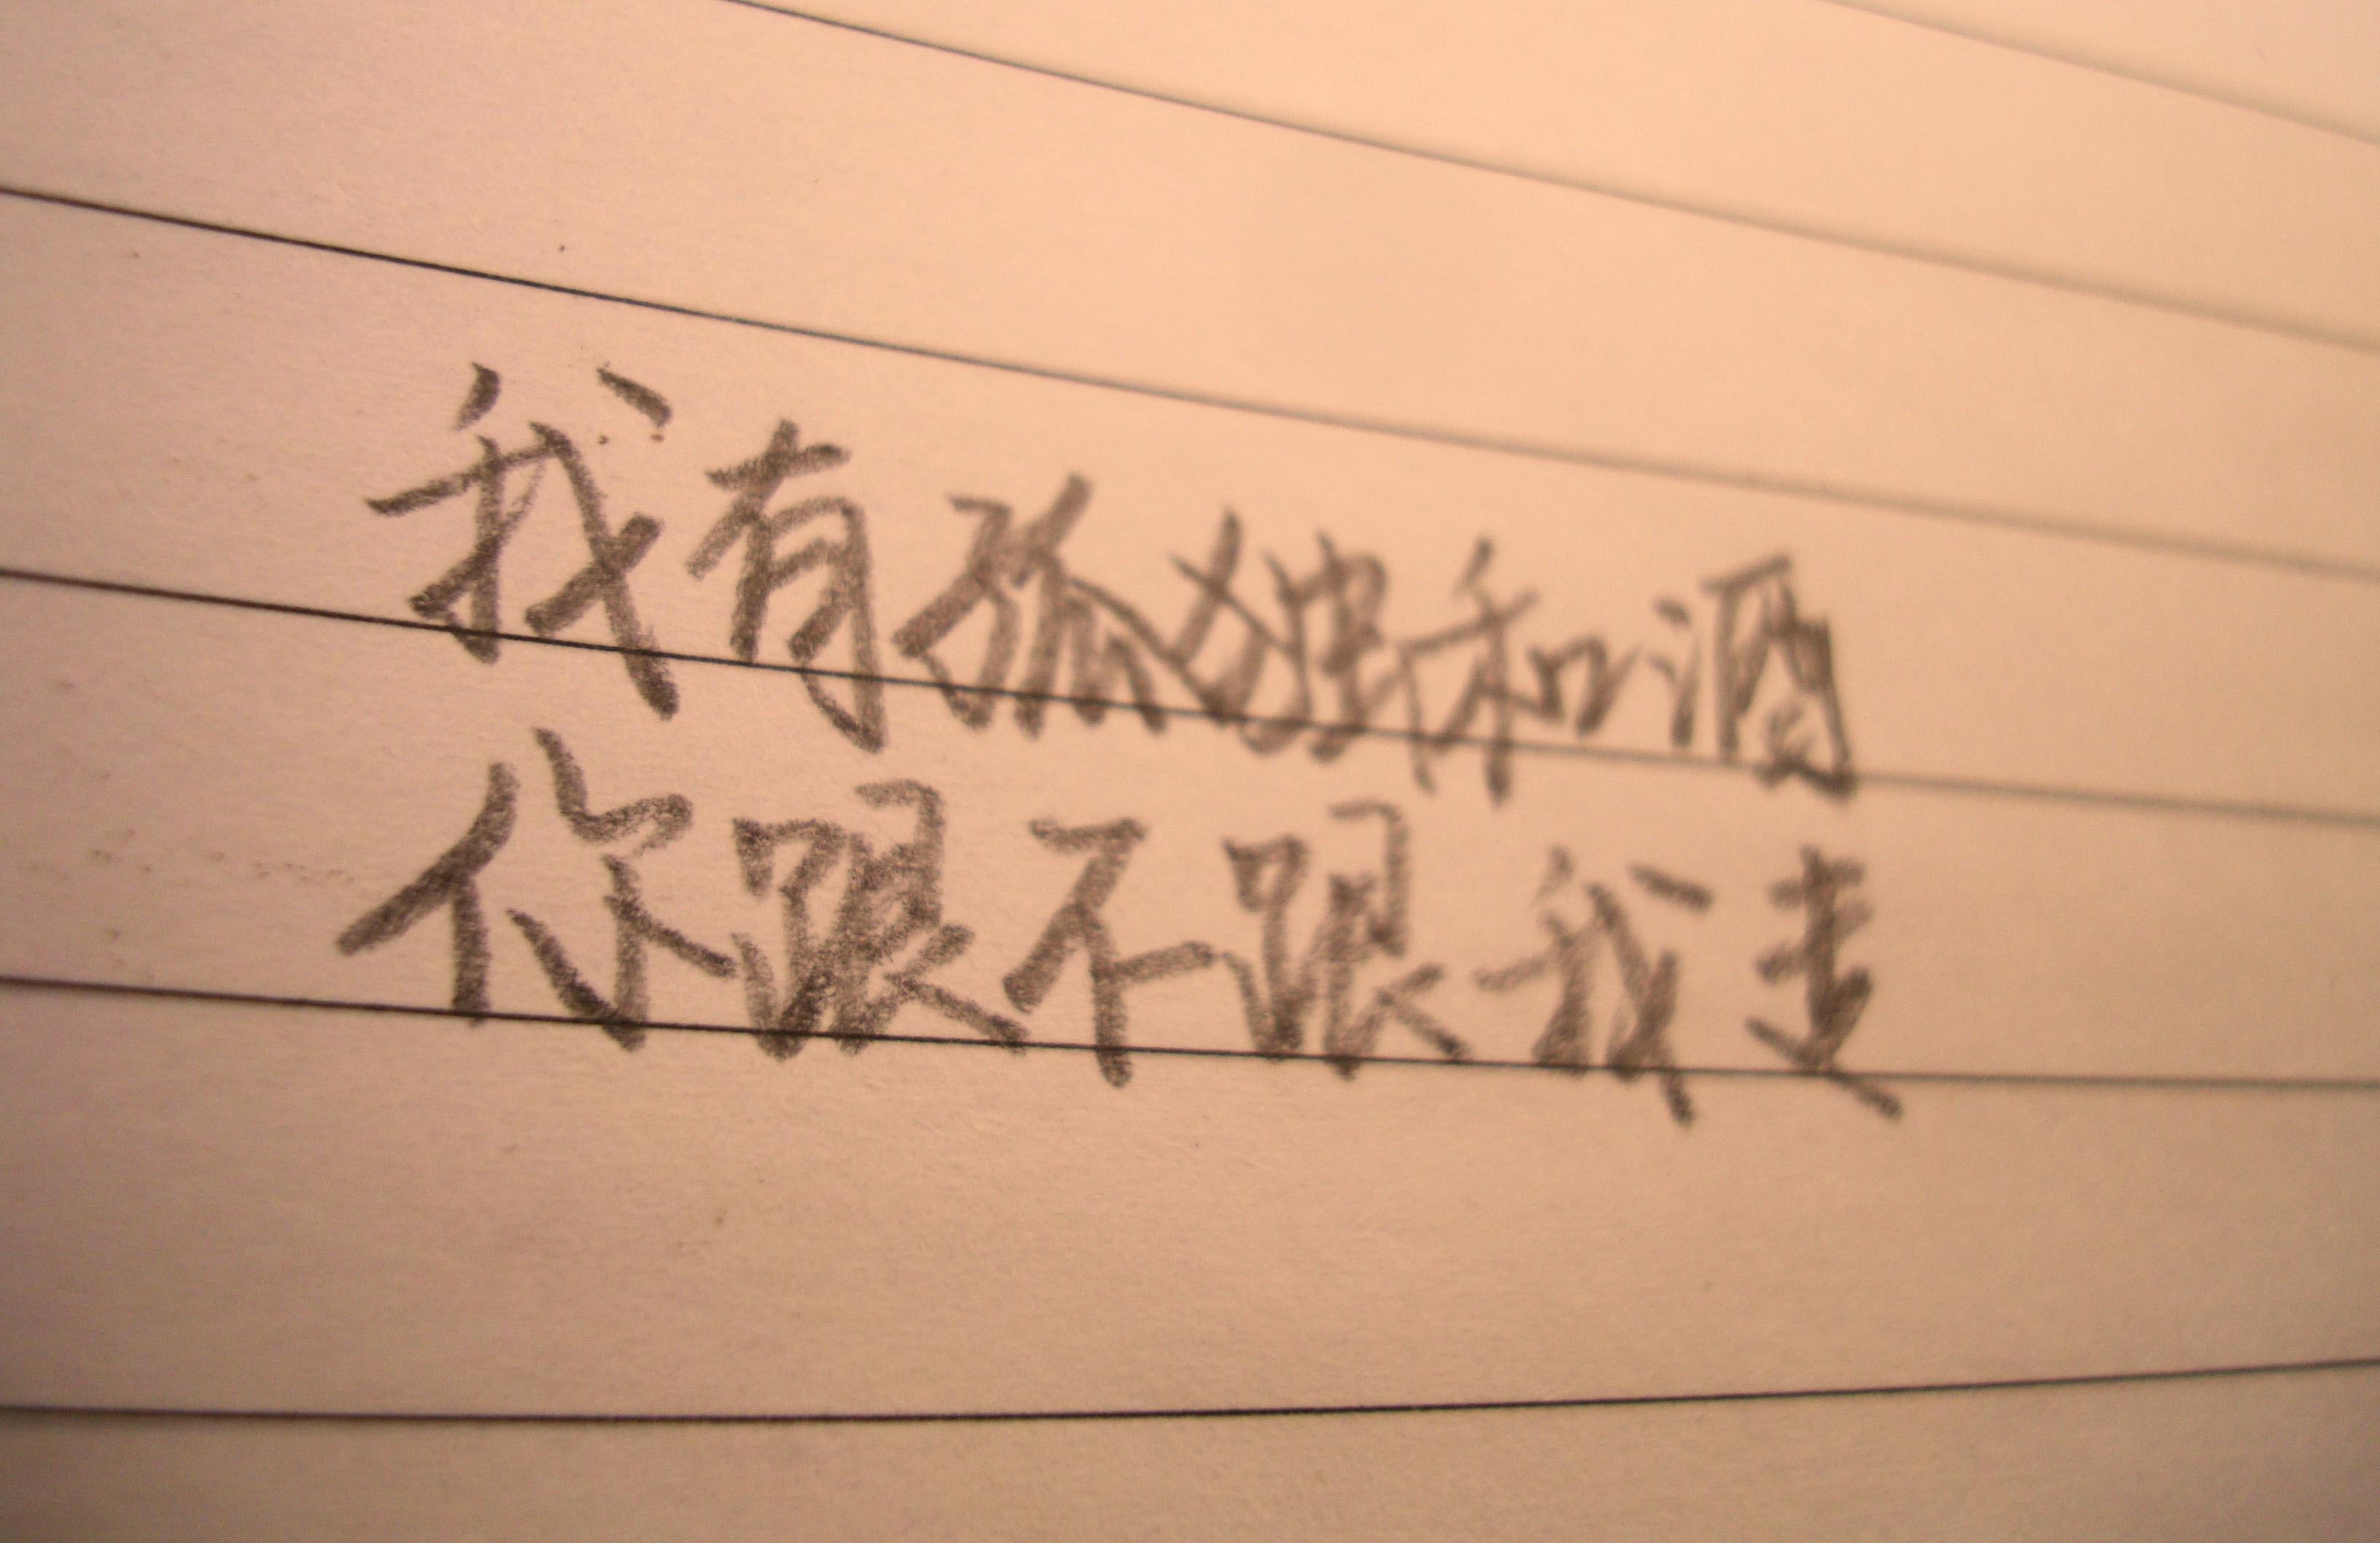 桌面壁纸 可爱手写字